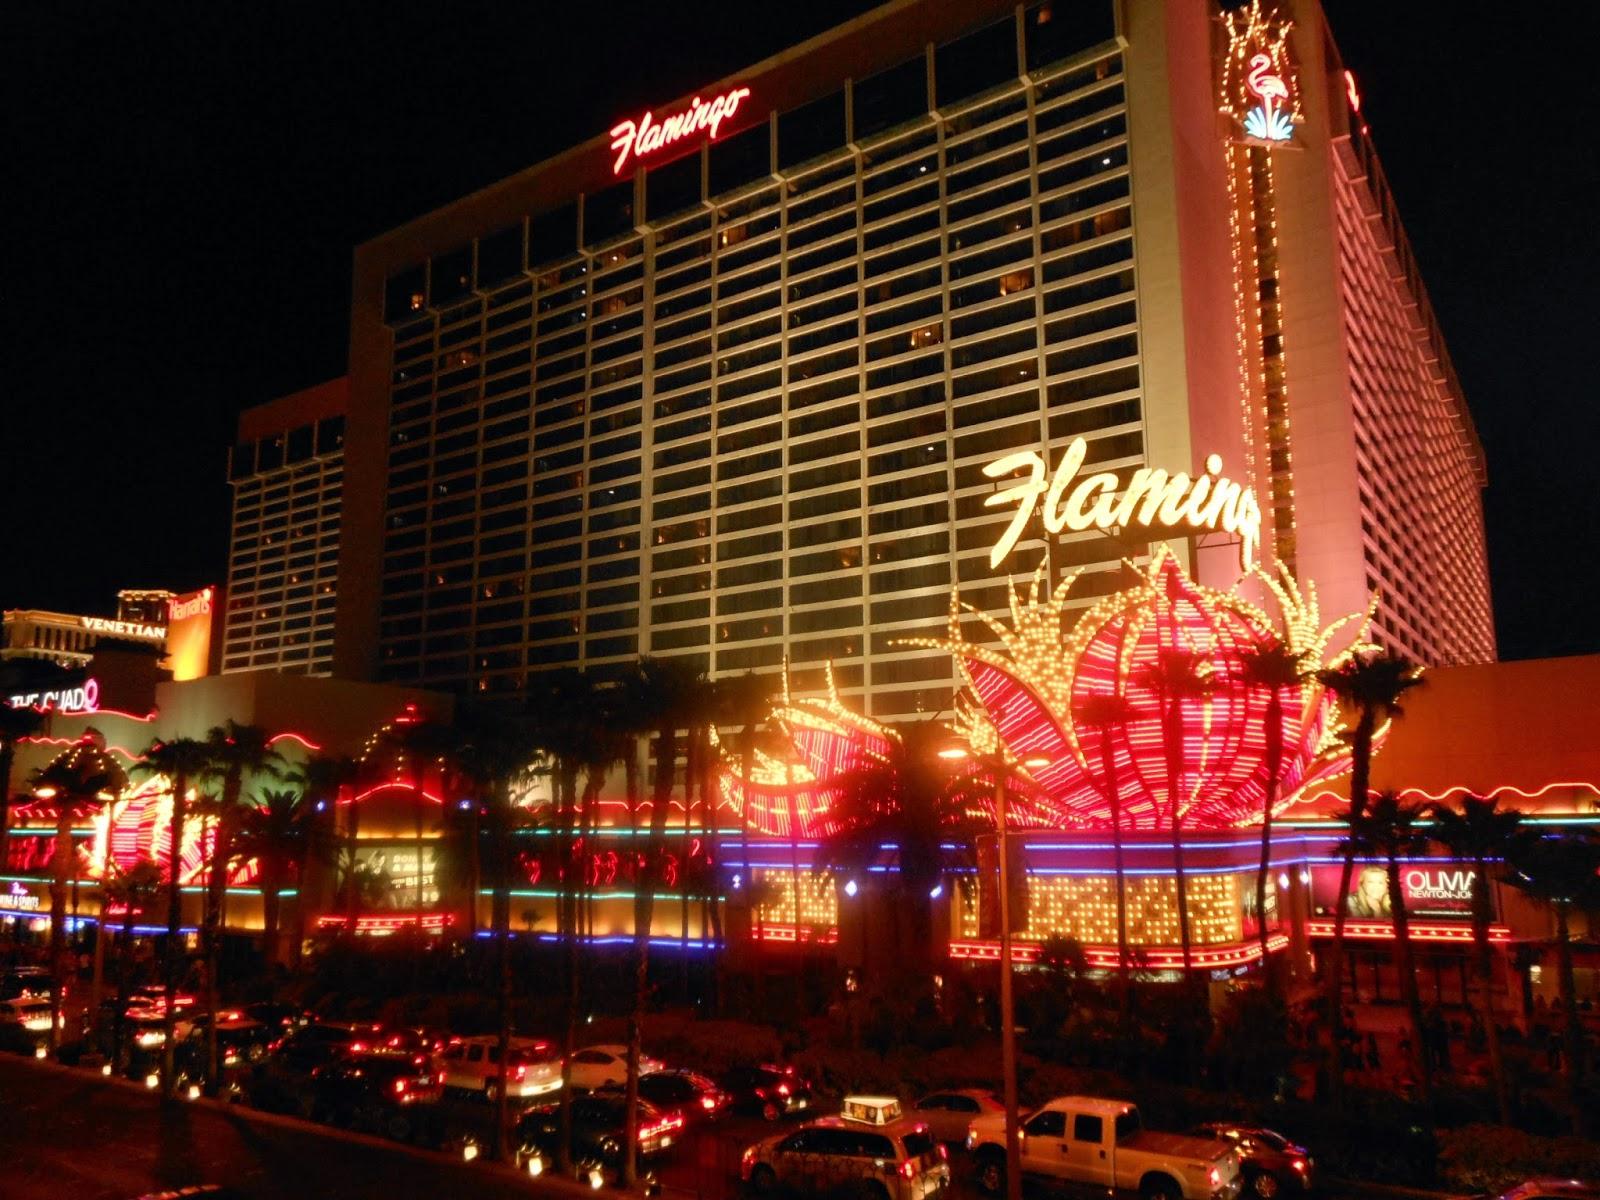 Flamingo hotel las vegas bei nacht aus dem heliopter -  Ltere Hotels Hingehen Sind Einfach Aus Beton Mit Spiegelnden Glasfronten Gebaut So Gebaut War N Mlich Unser Hotel Das Flamingo Brigens War Das Flamingo